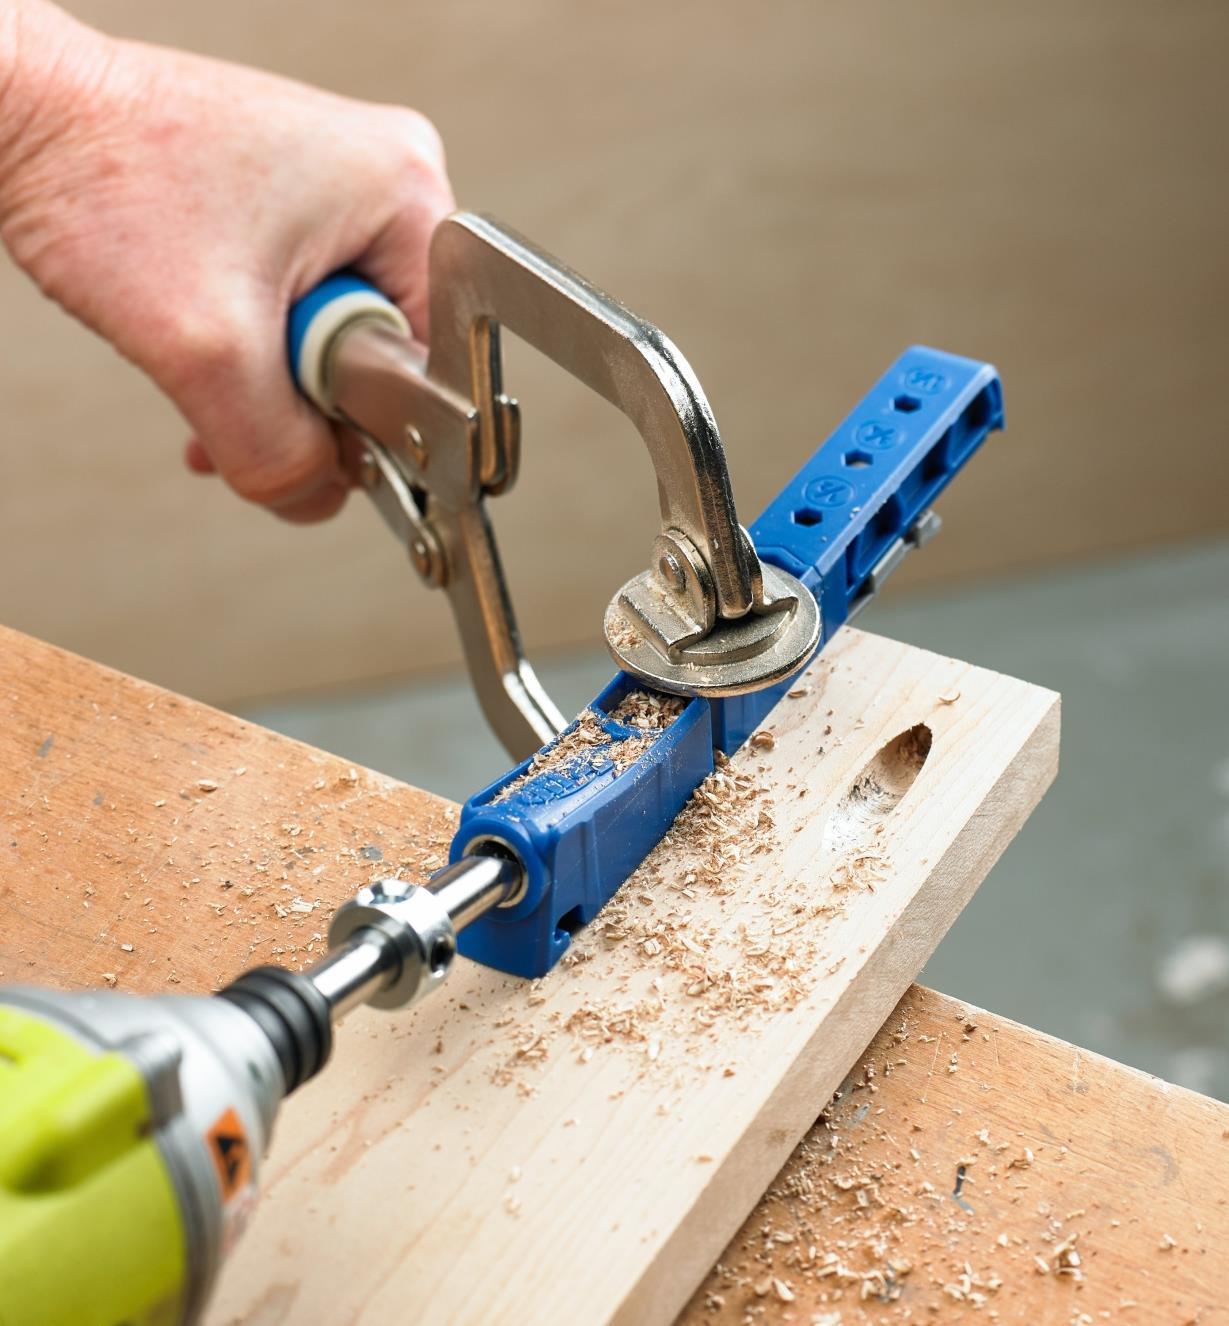 Ensemble de perçage à angle Kreg 310 utilisé pour percer des trous en angle dans une pièce de bois